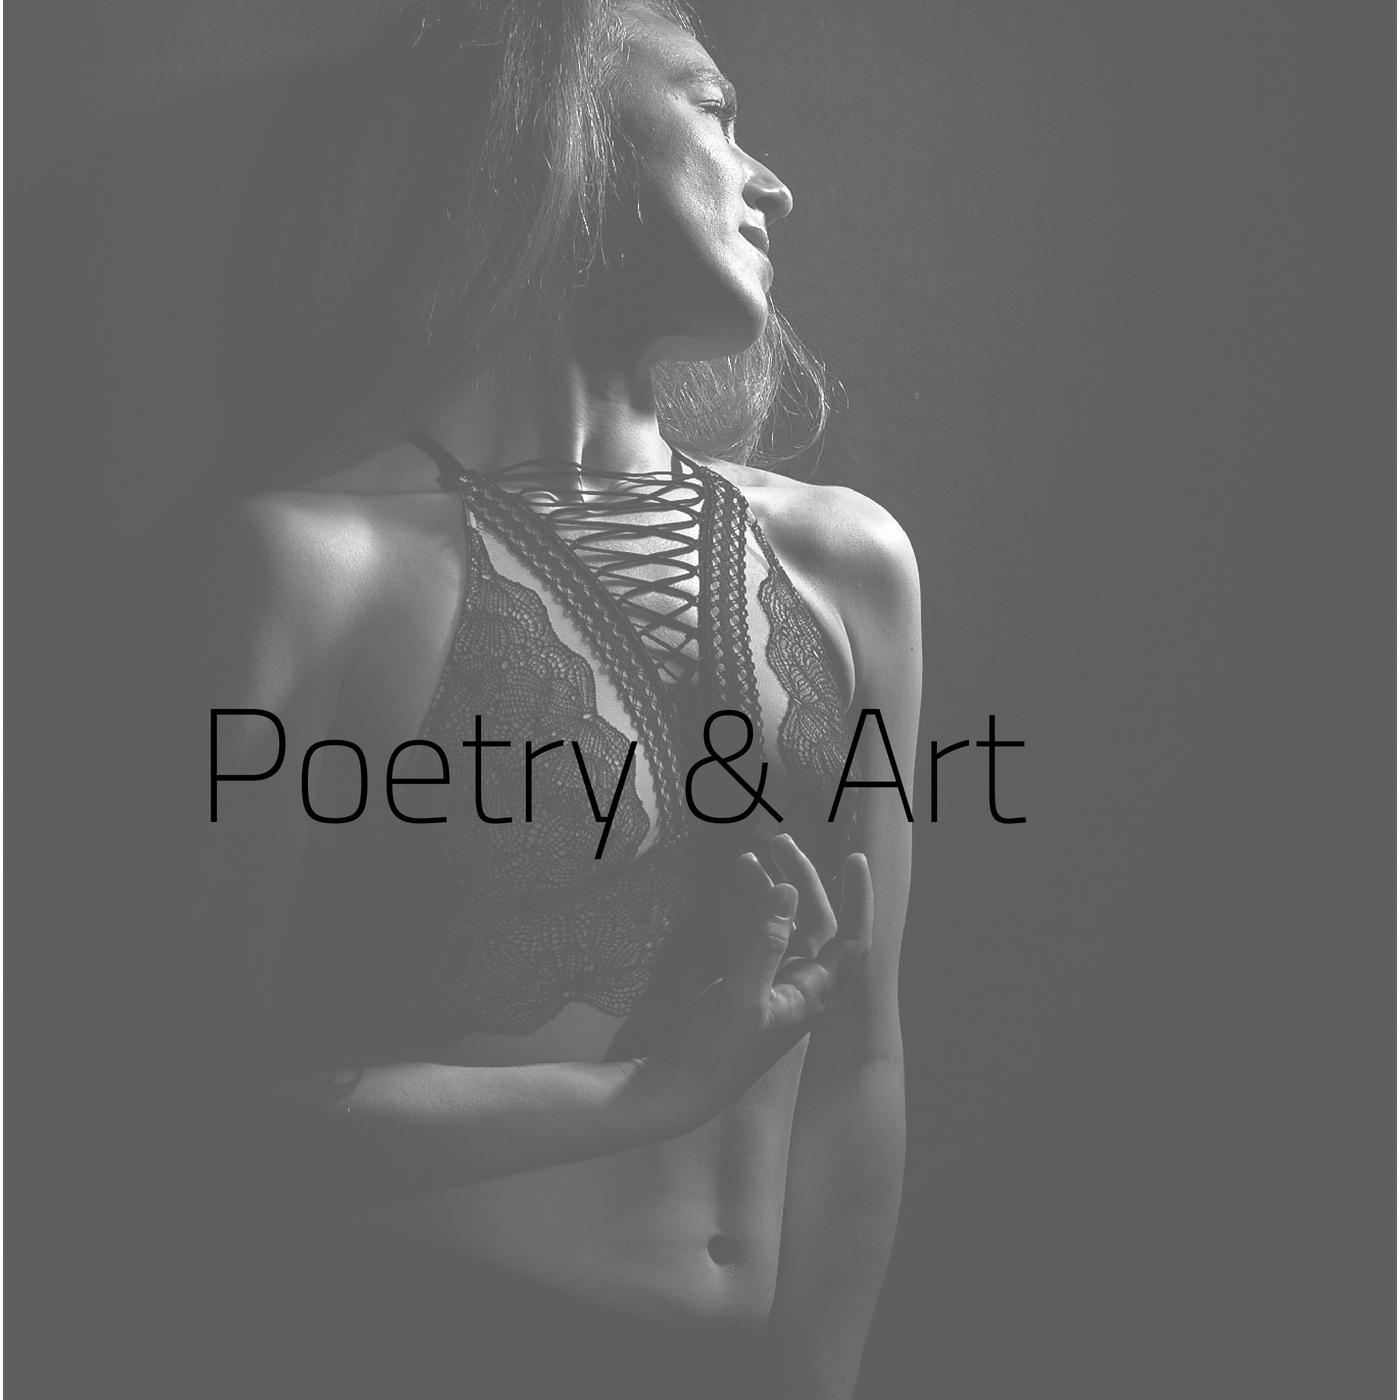 poetry-3.jpg